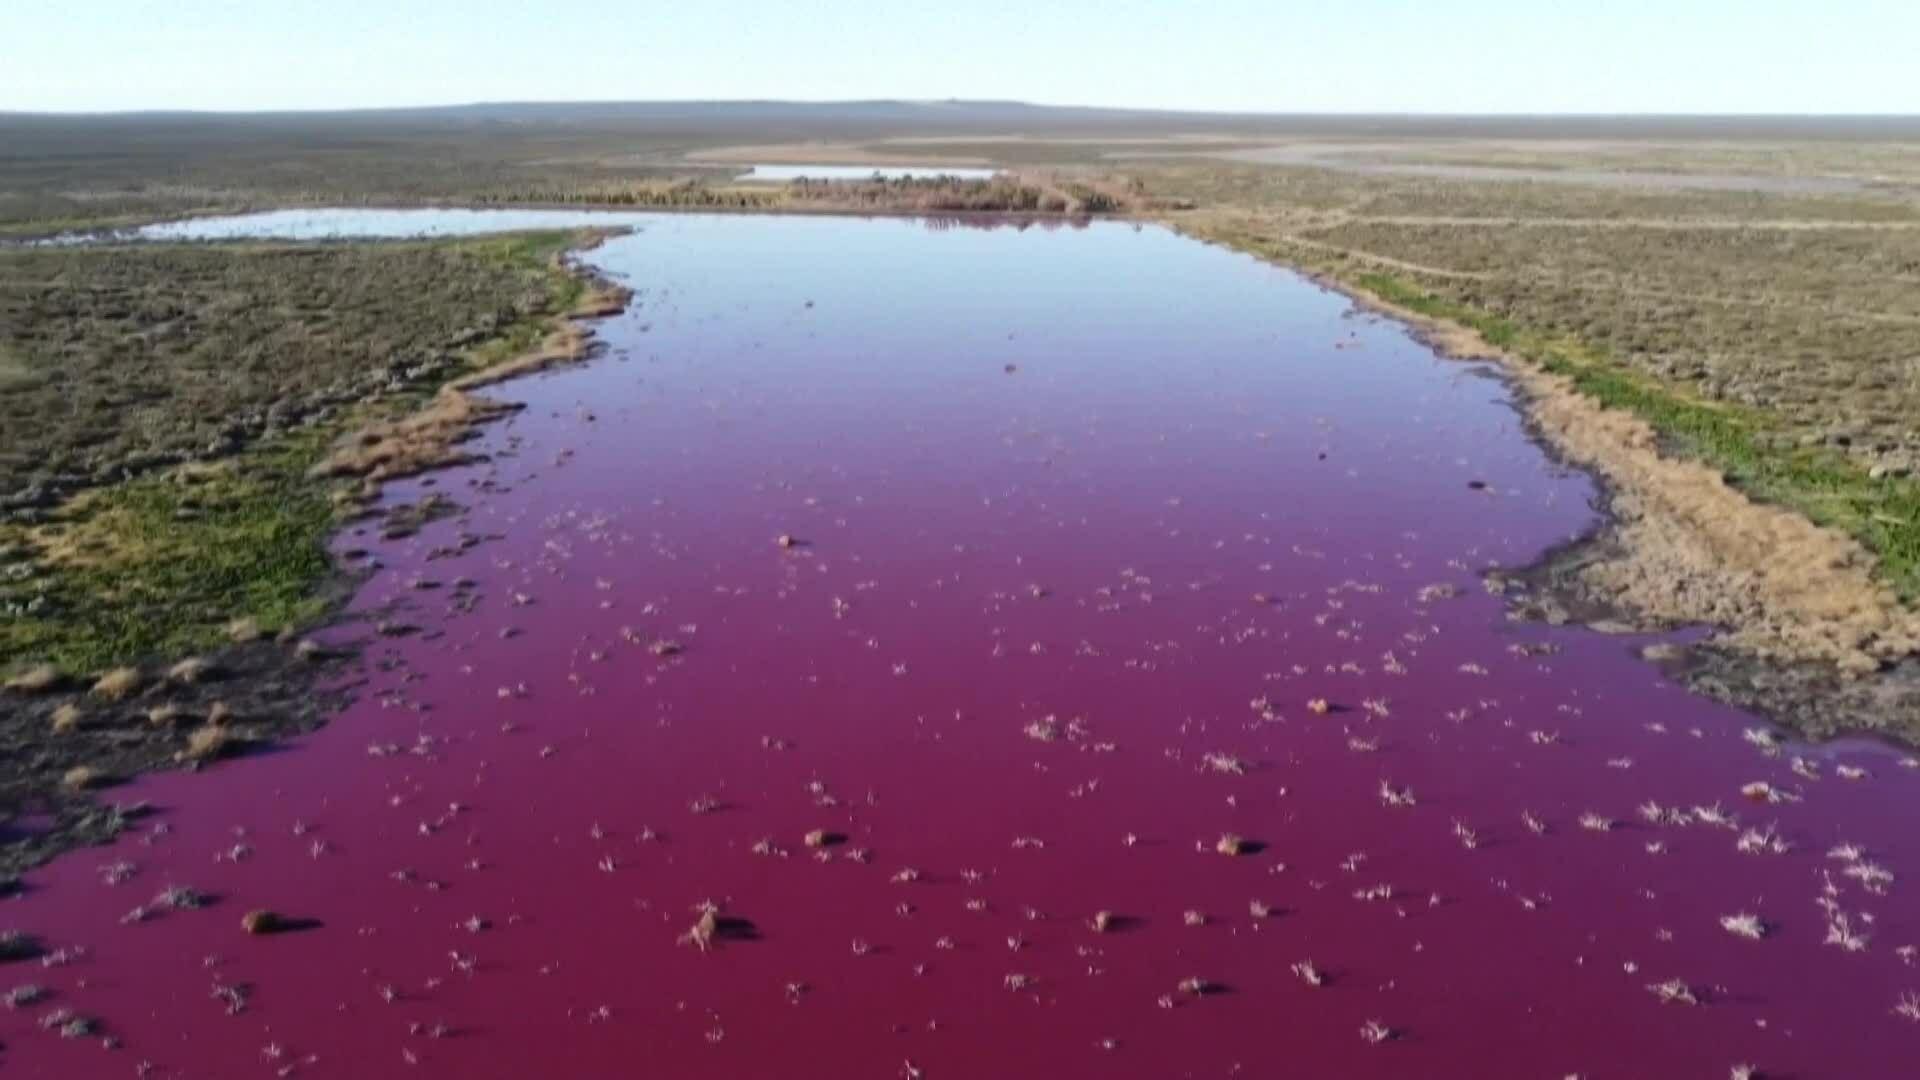 Đầm phá rộng hơn 10 ha bất ngờ chuyển màu hồng